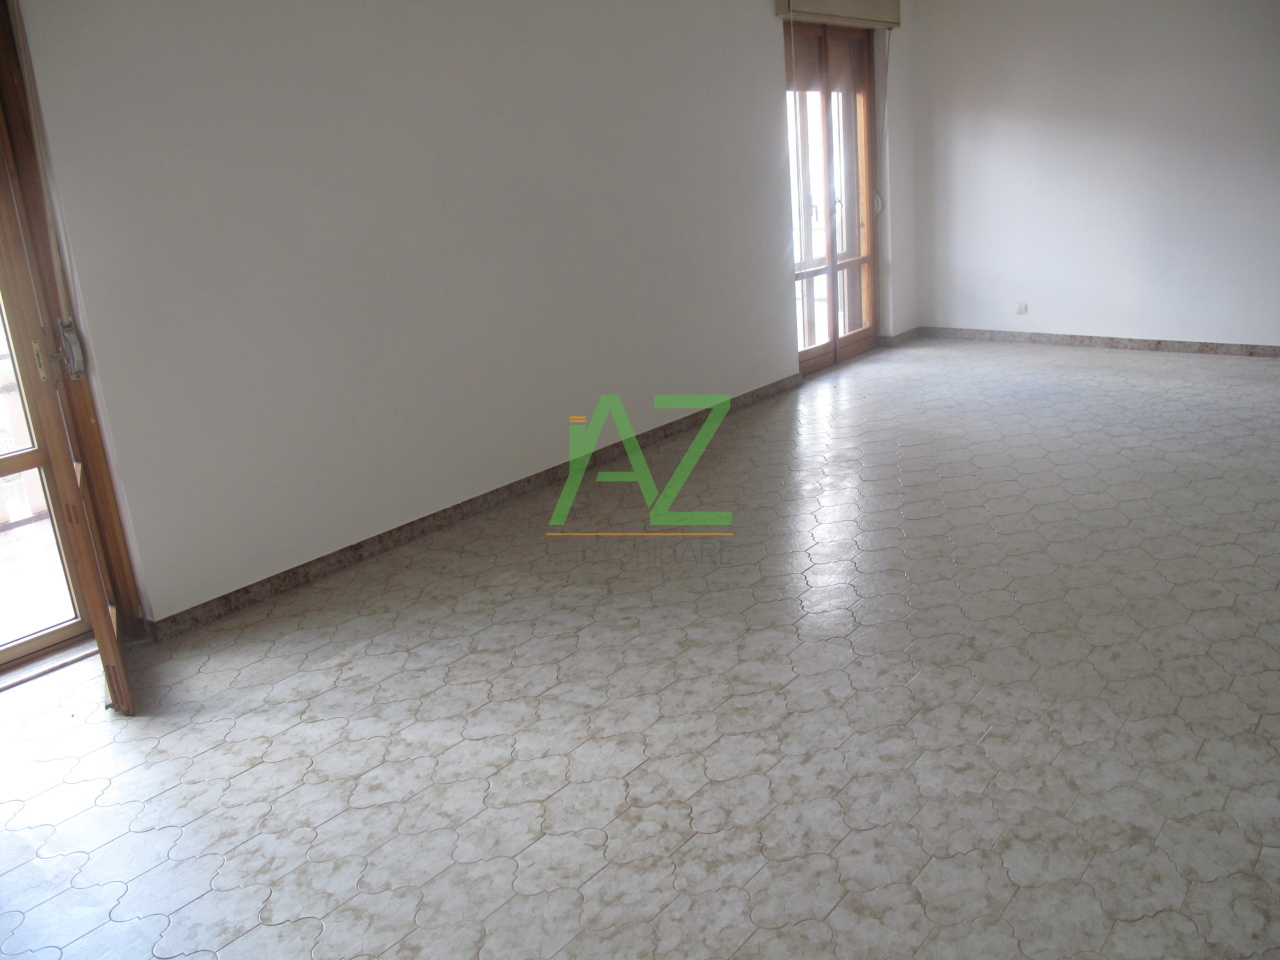 Appartamento in affitto a Motta Sant'Anastasia, 5 locali, prezzo € 500 | Cambio Casa.it